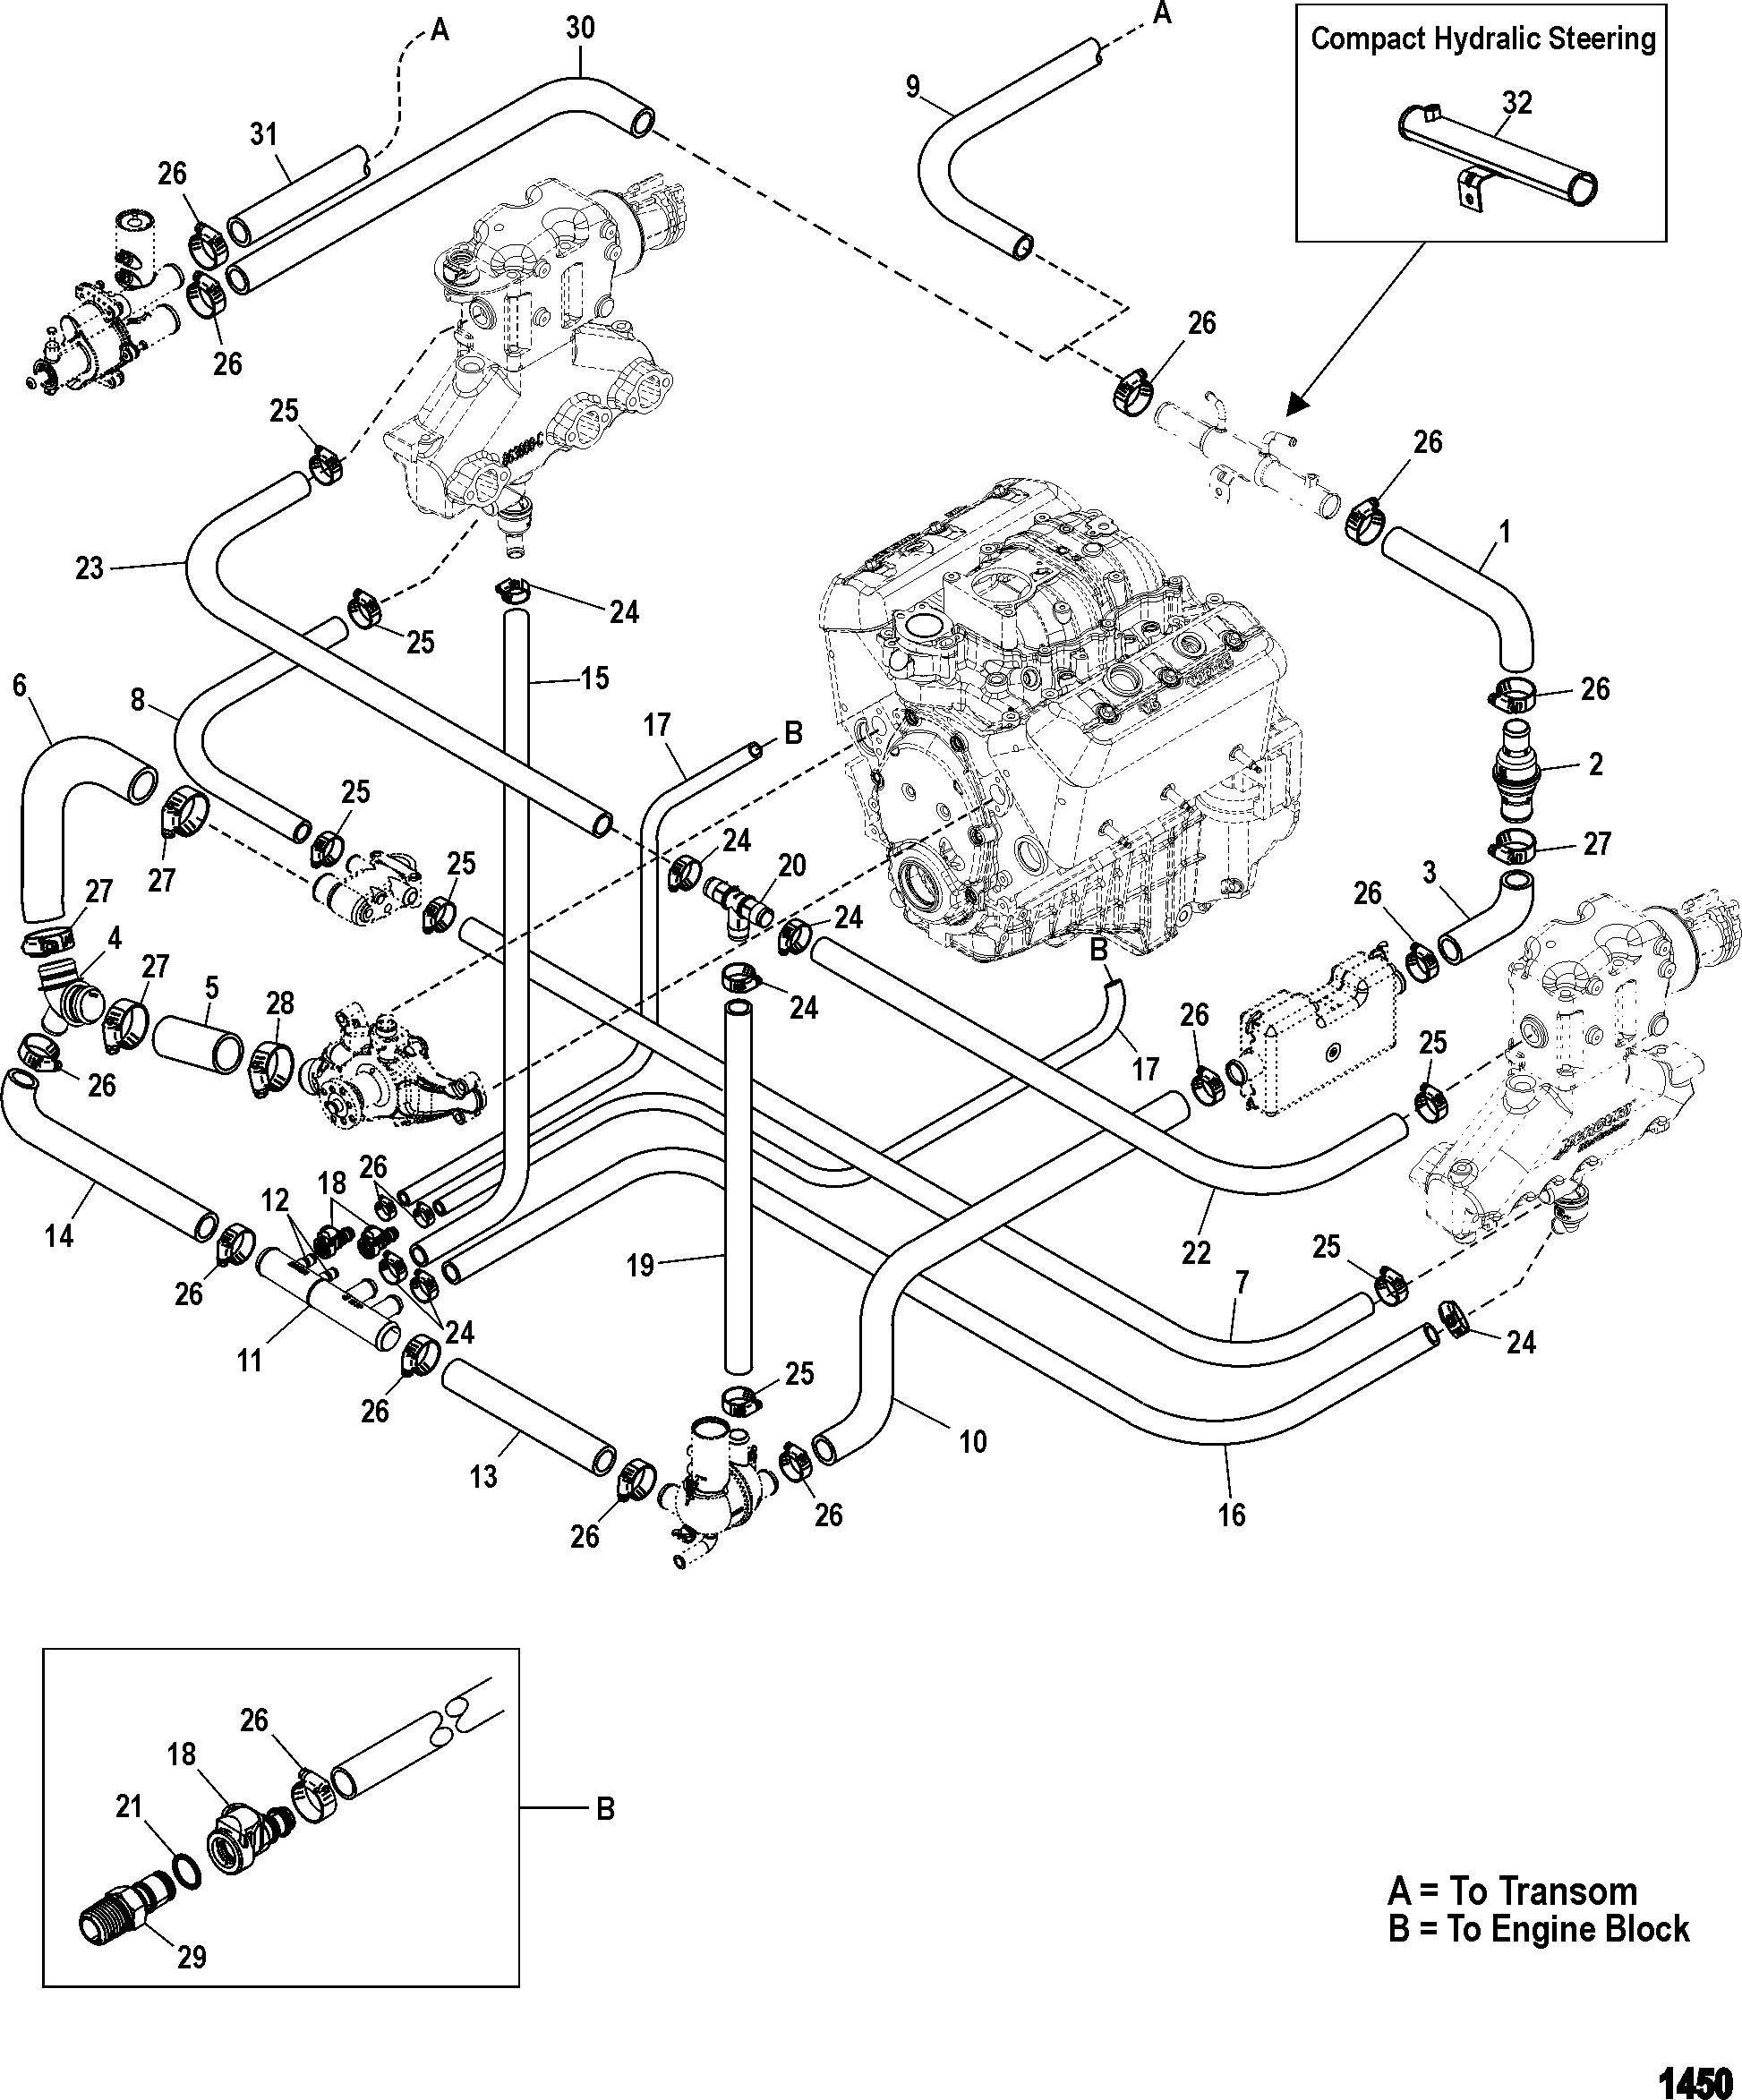 hight resolution of chevy 4 3 vortec wiring diagram free picture wiring diagram librarychevy 4 3 vortec wiring diagram